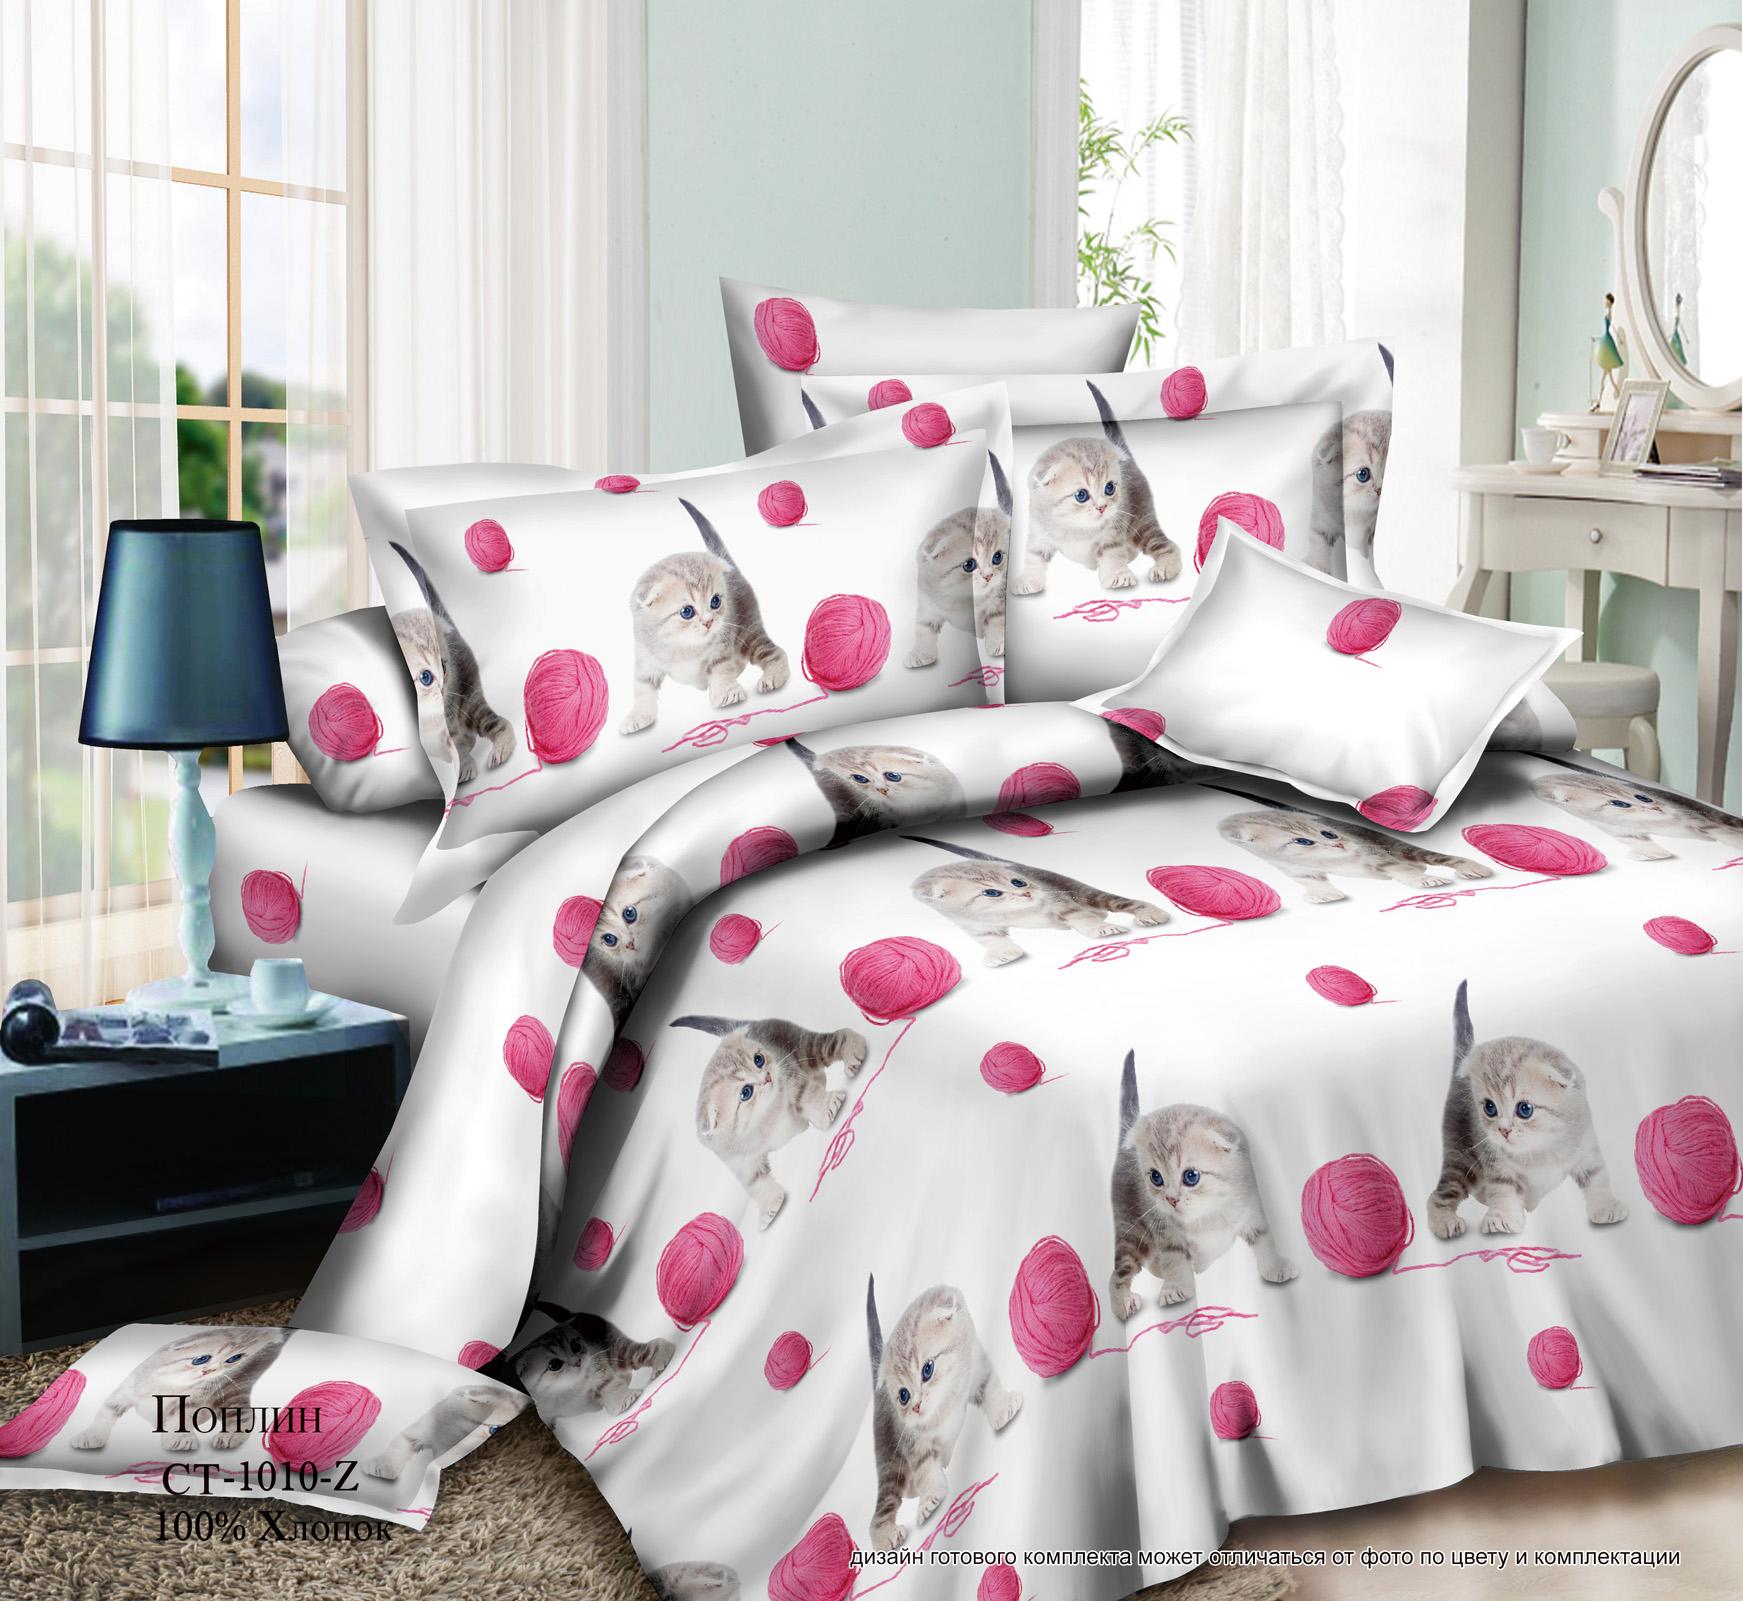 детское постельное белье Pastilla Детское Постельное белье Mavis (145х215 см) simon mignon детское постельное белье